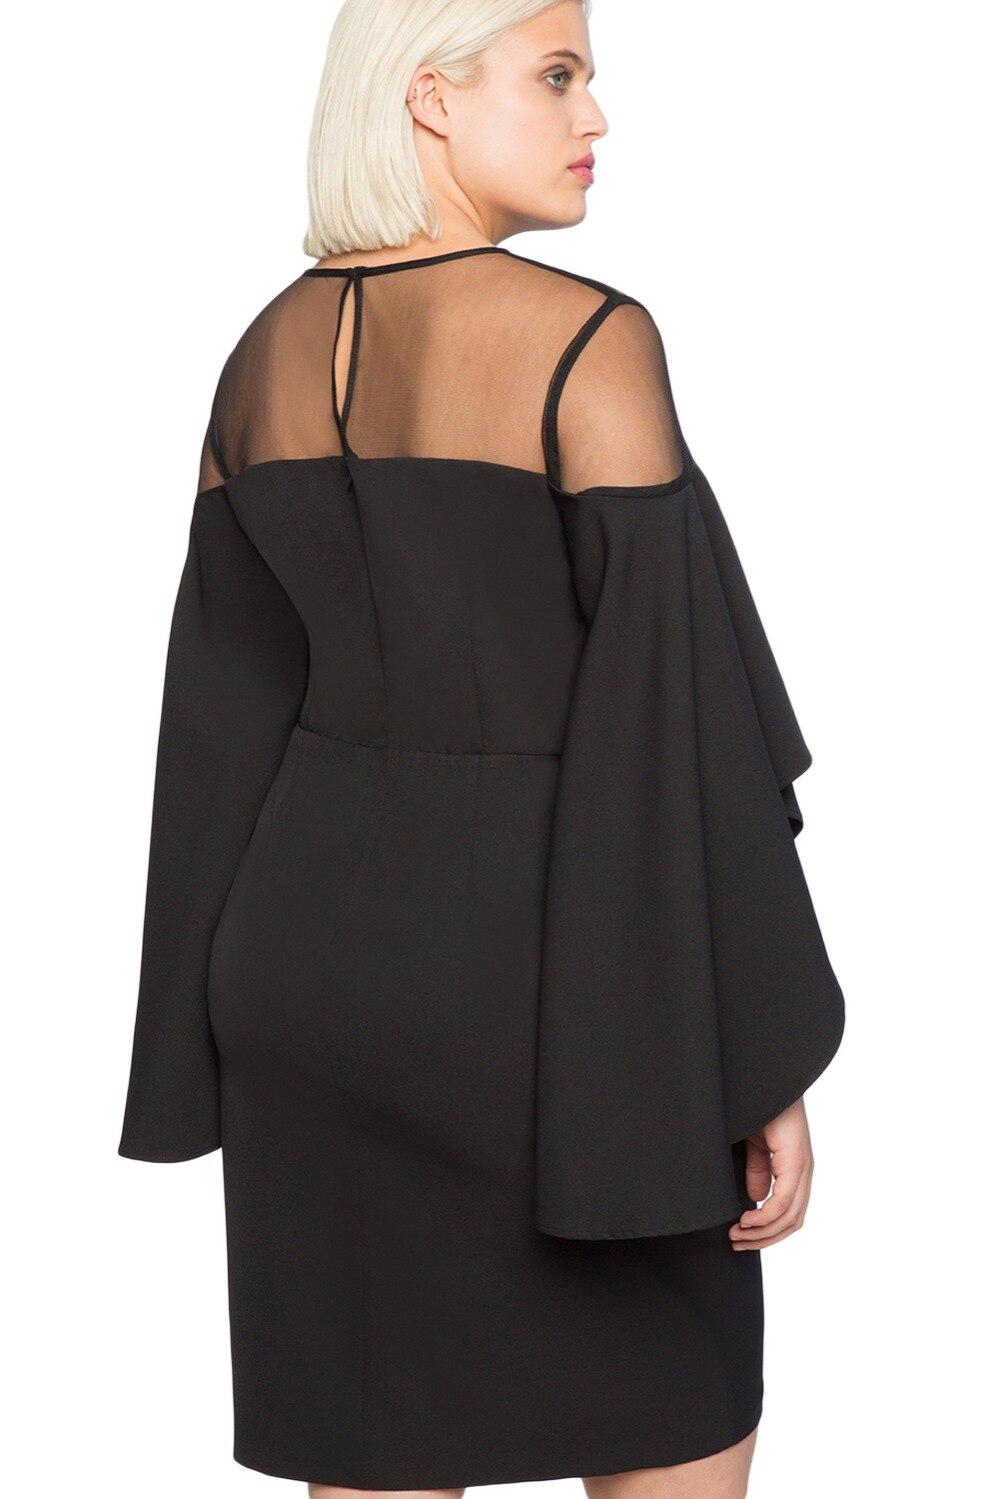 Black-Mesh-Illusion-Cold-Shoulder-Plus-Size-Dress-LC220395-2-3